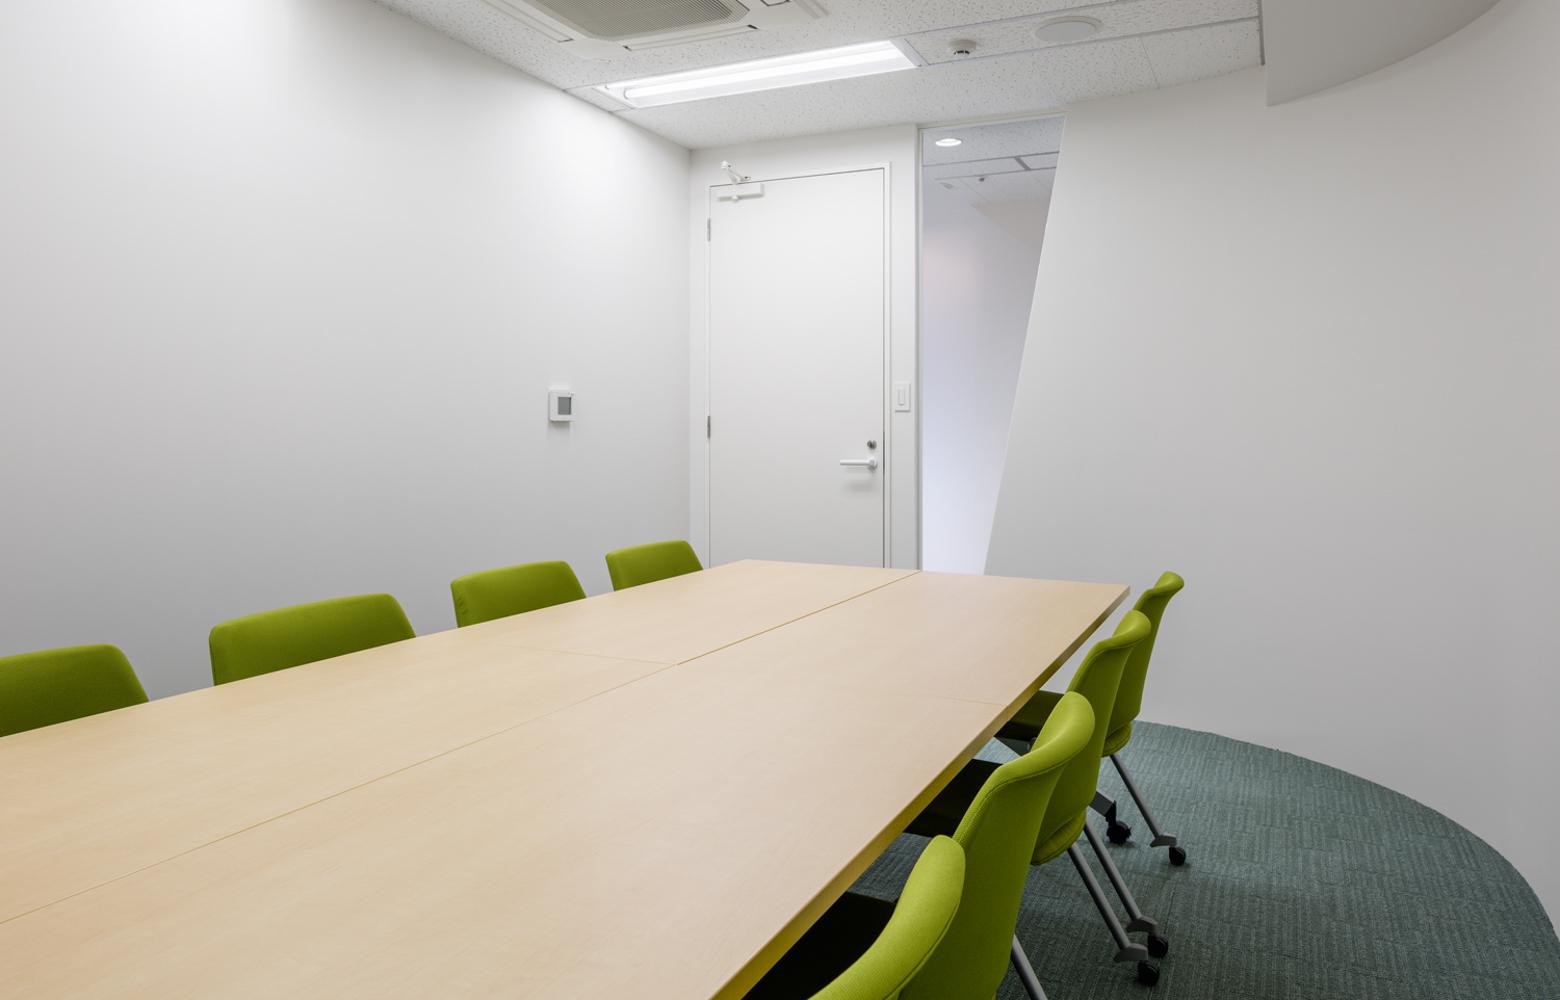 株式会社ユーコム Meeting Room デザイン・レイアウト事例